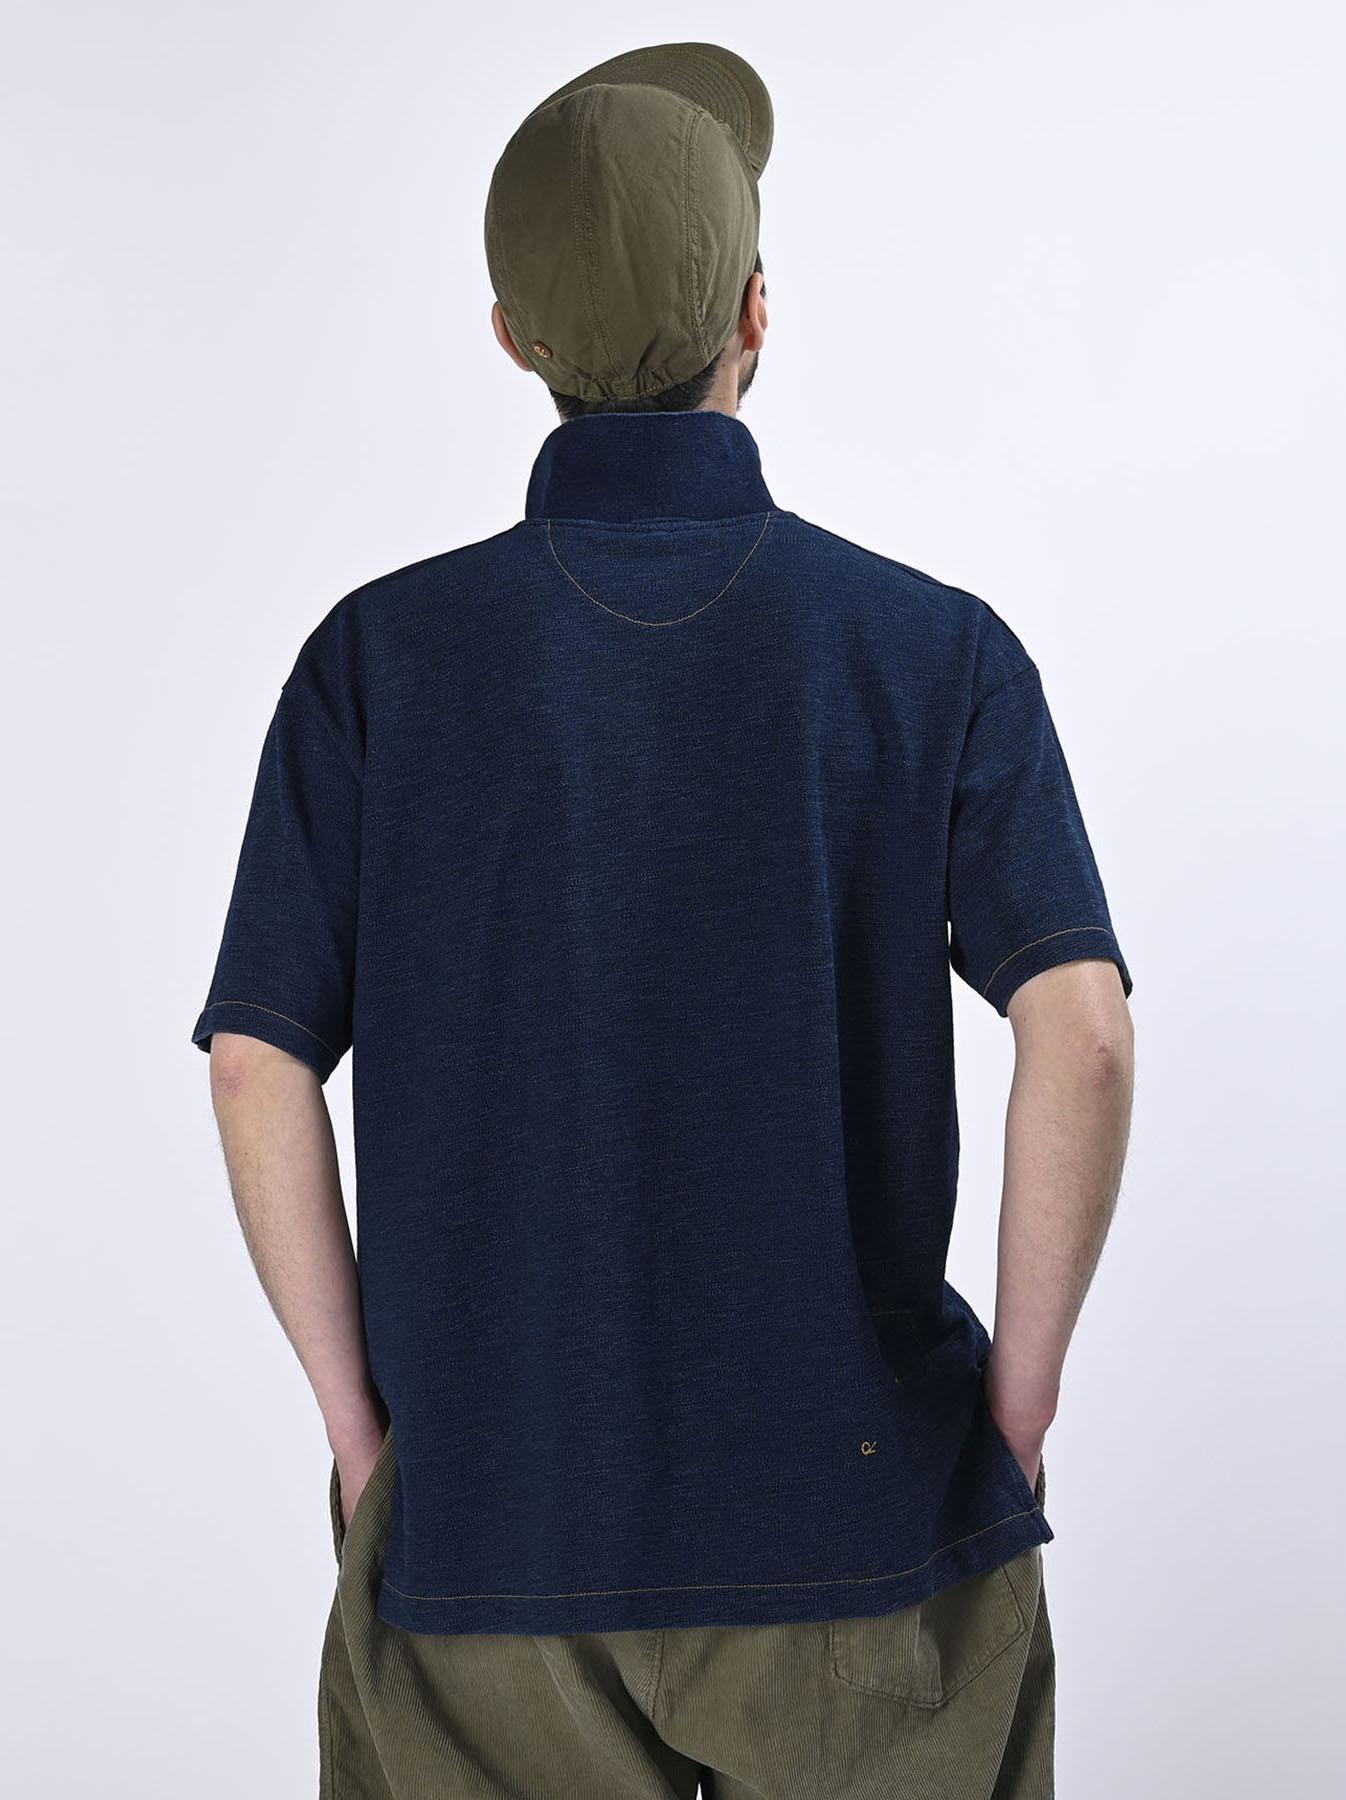 Indigo Kanoko Ocean Shiokaze Short-sleeved Polo Shirt (0521)-5